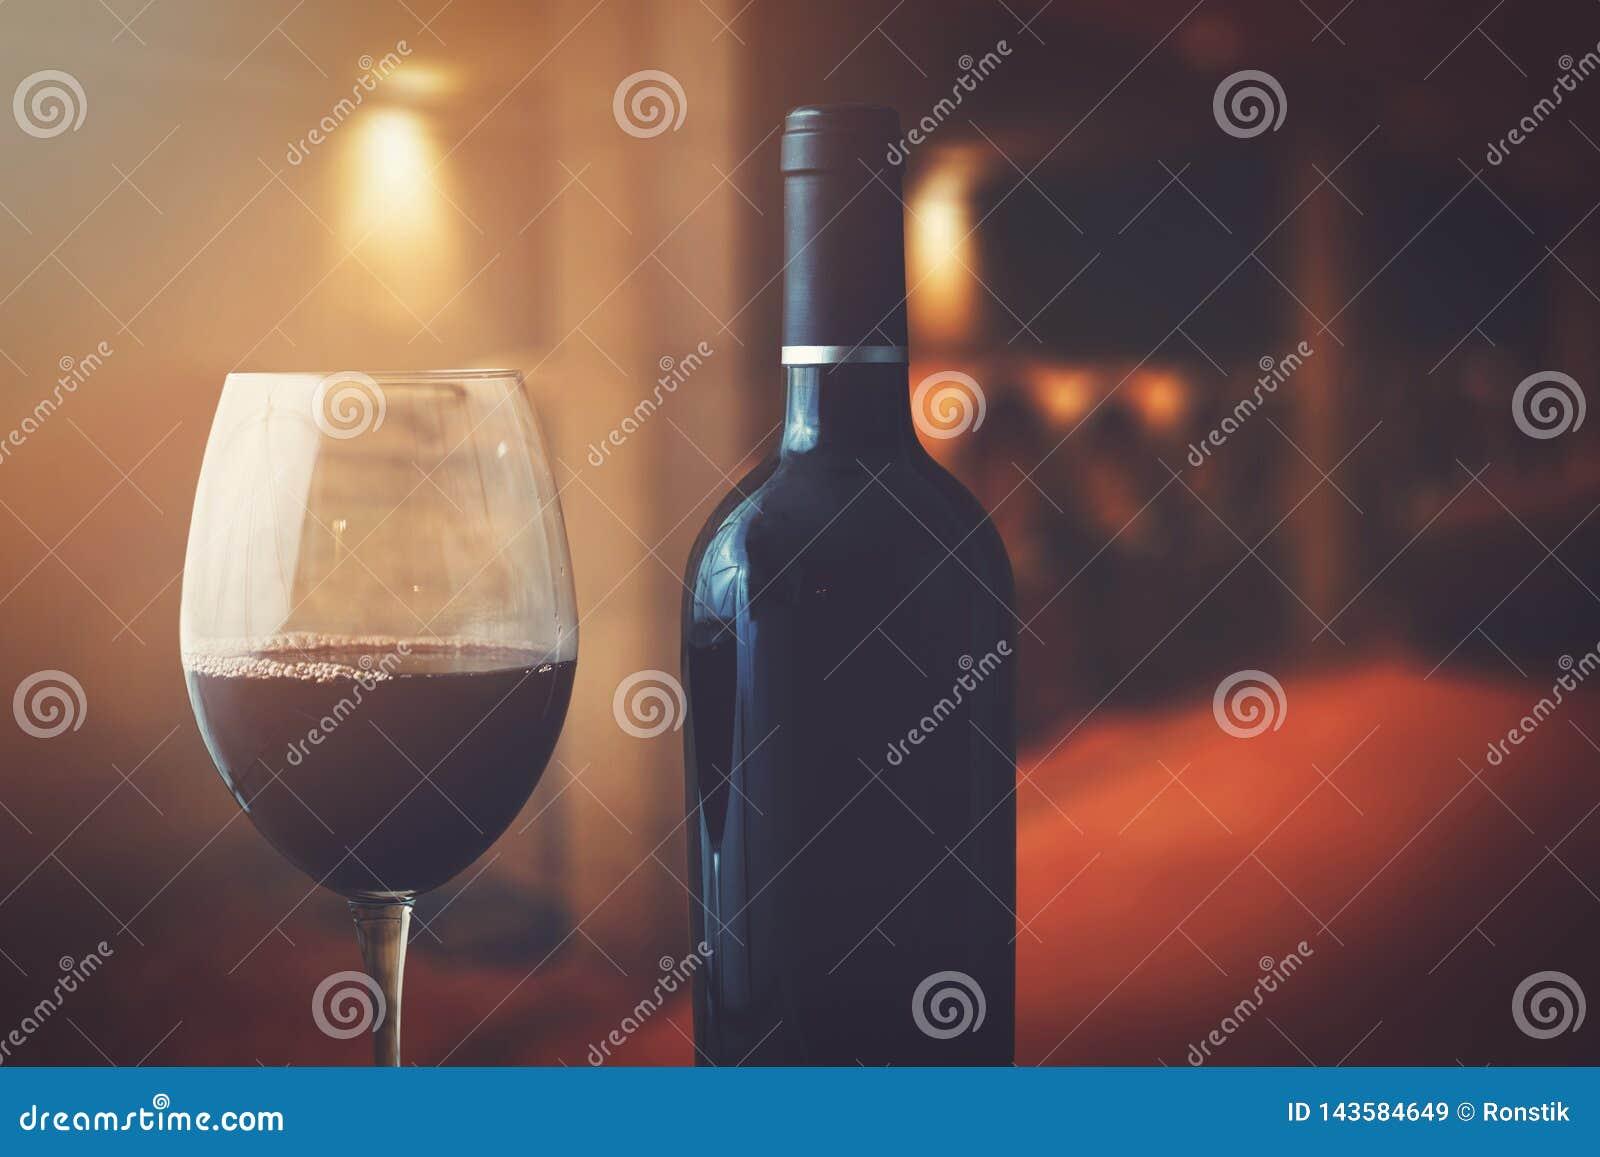 Μπουκάλι και γυαλί κρασιού στο κελάρι κρασιού